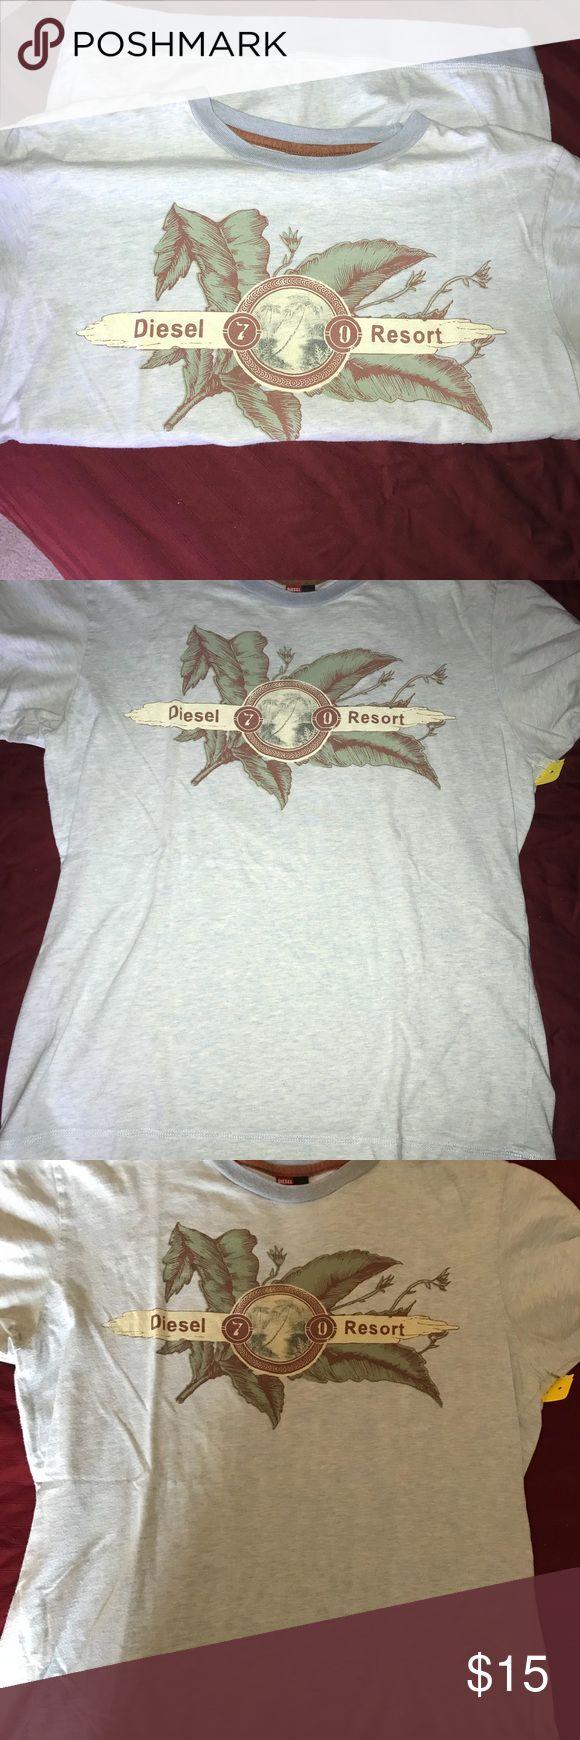 Diesel t shirt Mens diesel T-shirt great condition Diesel Shirts Tees - Short Sleeve